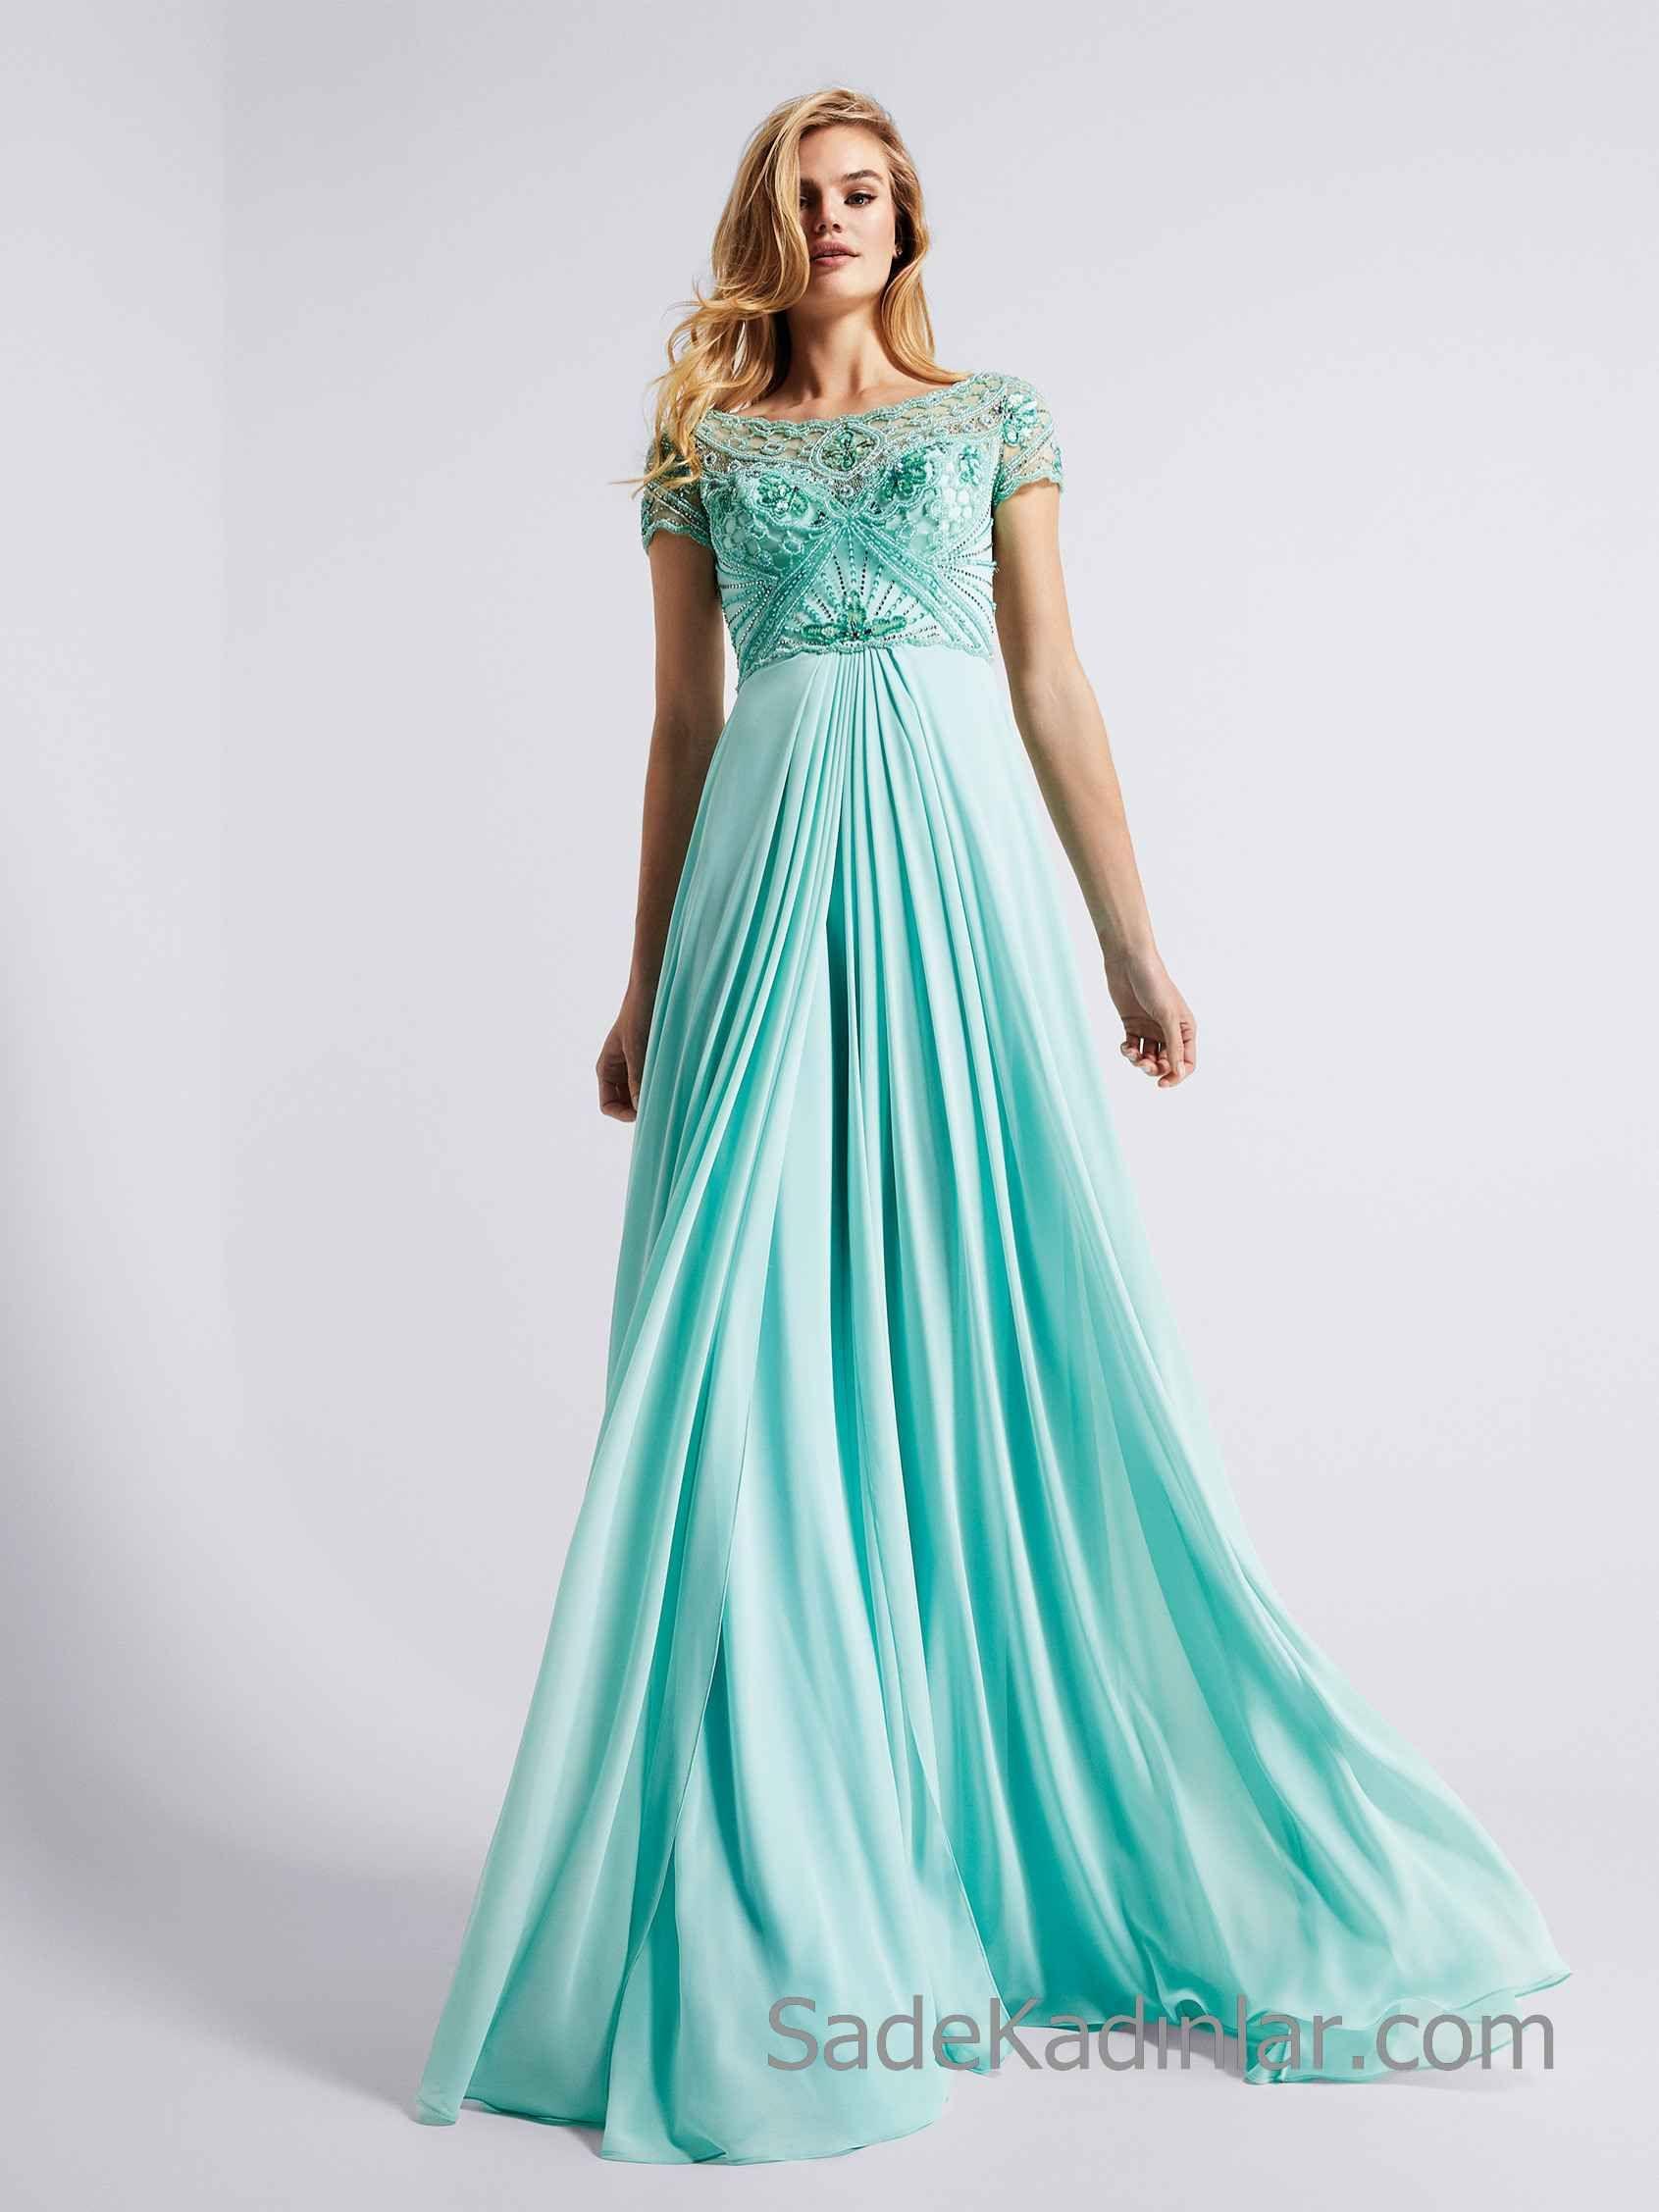 Pronovias 2020 Abiye Elbise Modelleri Su Yesili Uzun Kisa Kollu Kayik Yaka Boncuk Islemeli Balo Elbiseleri Balo Elbisesi Kisa Etekli Elbiseler